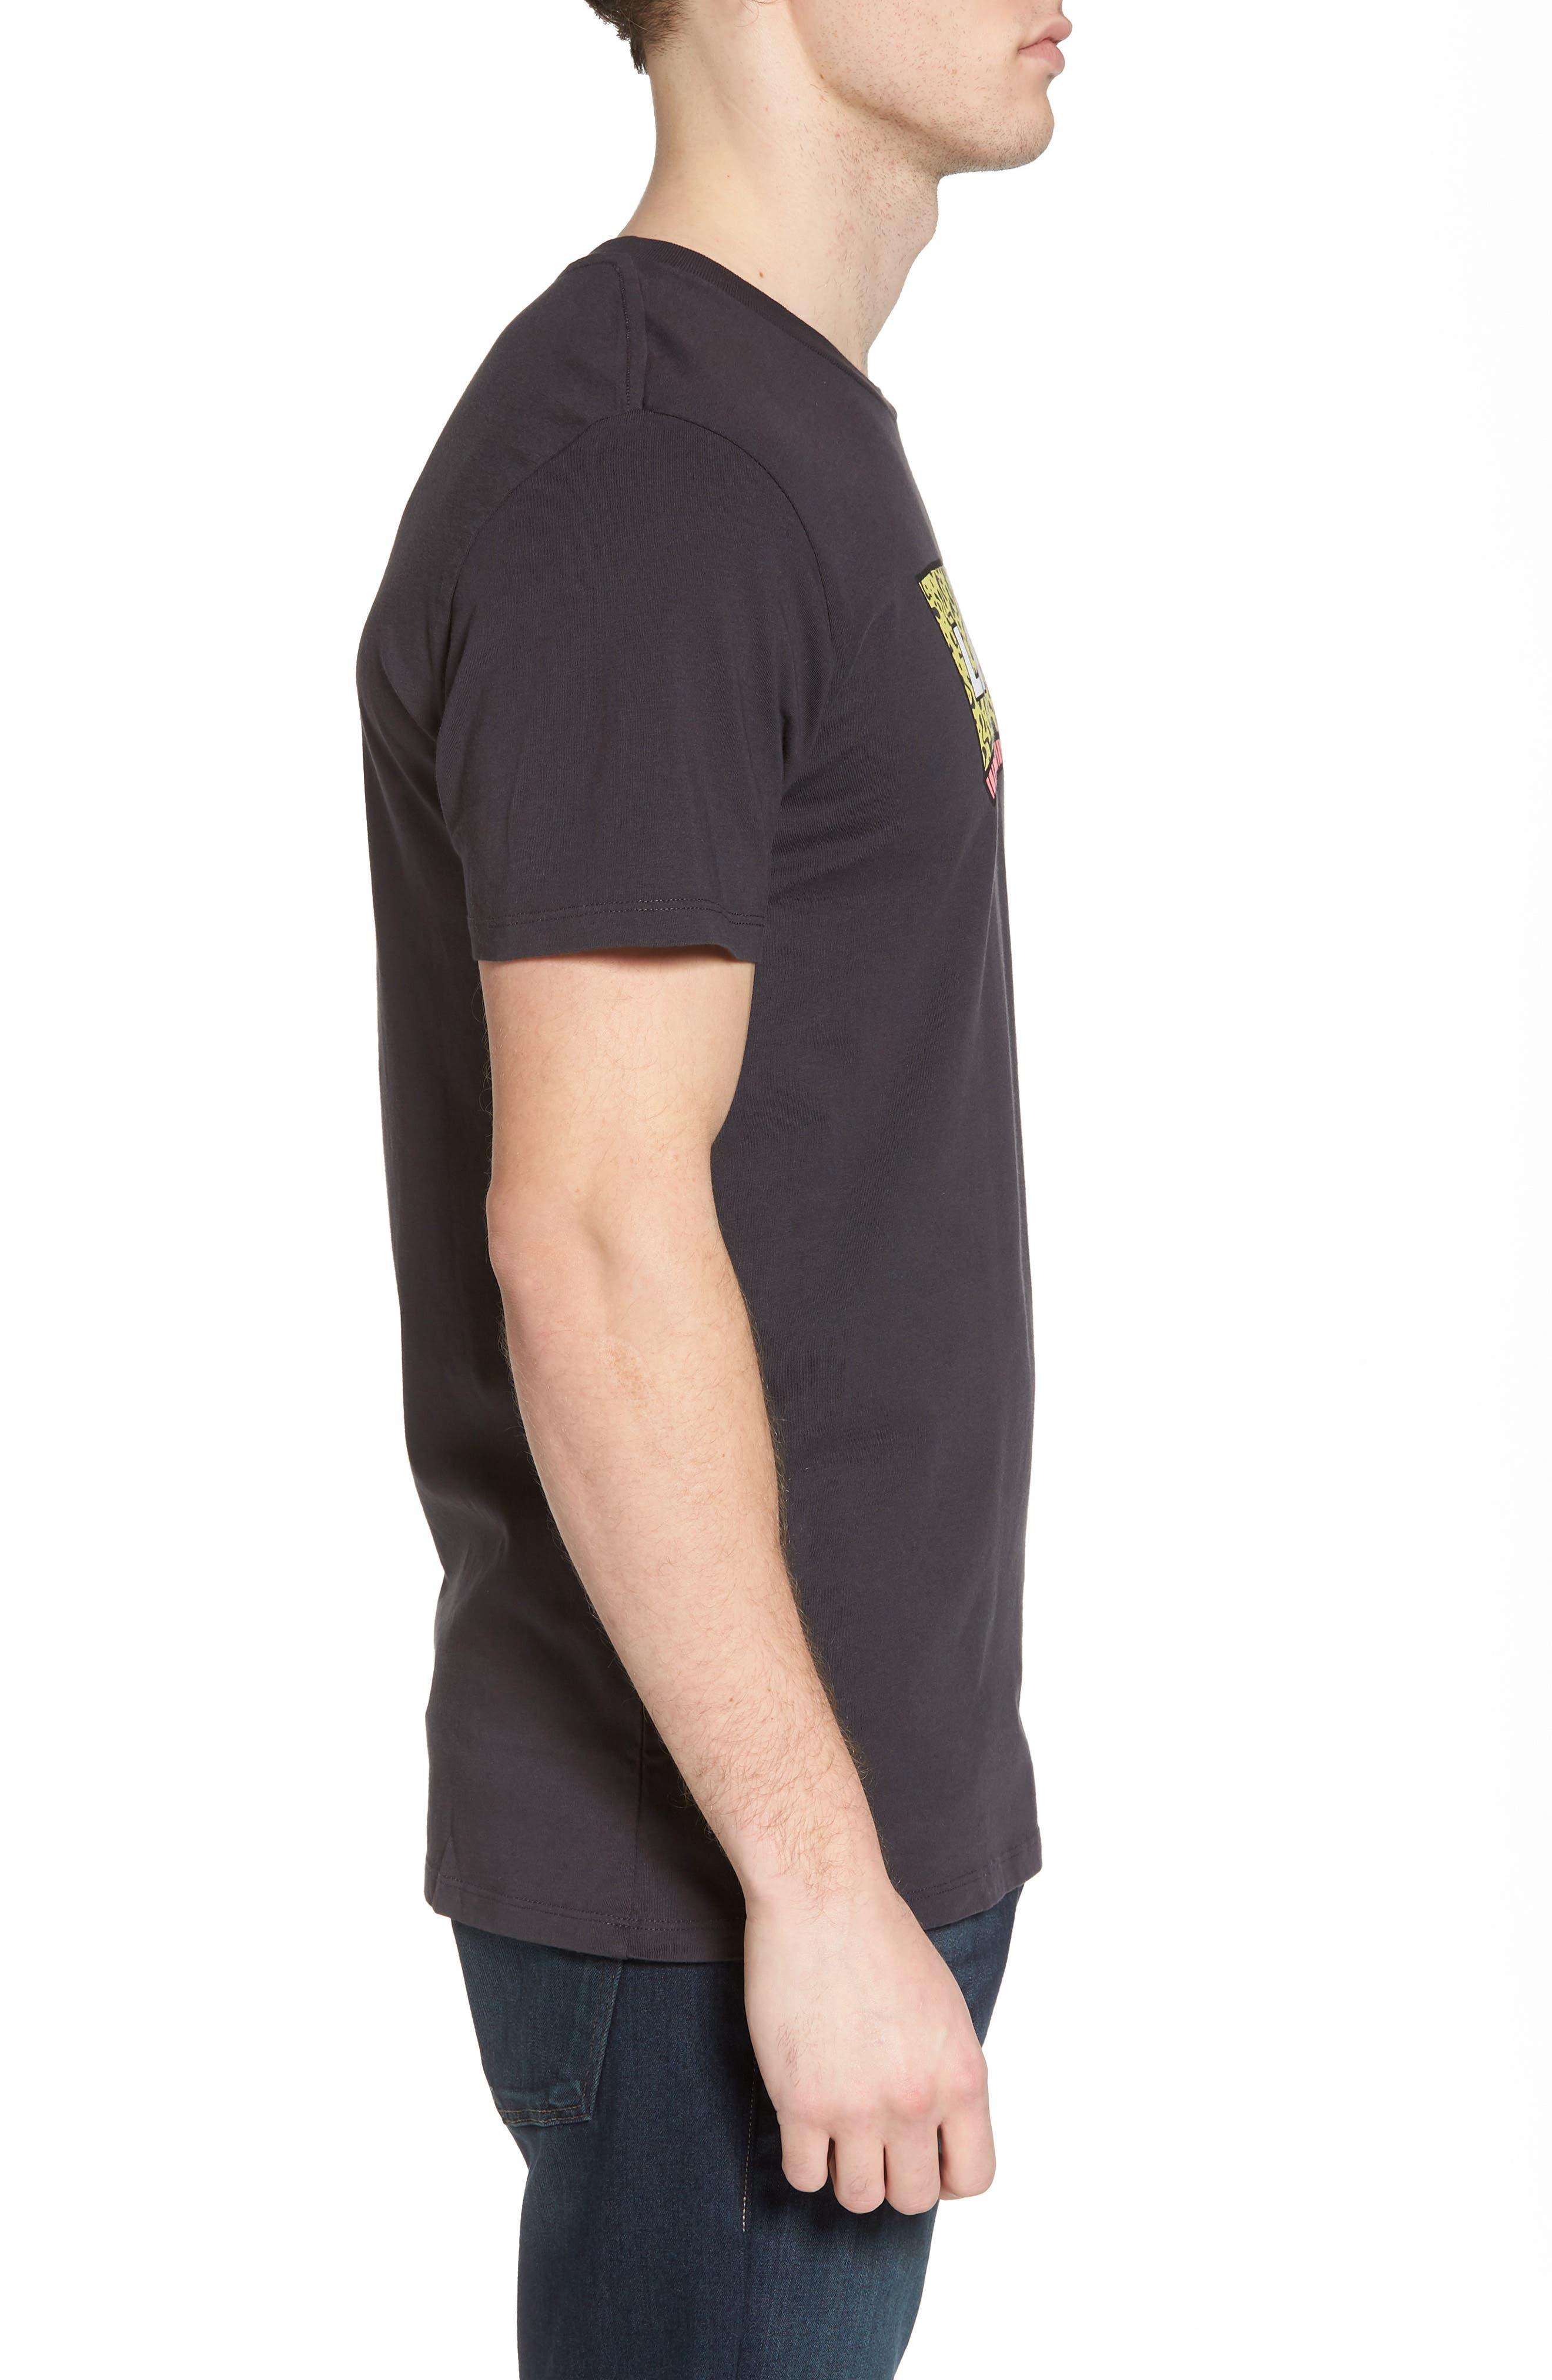 Housemark Graphic T-Shirt,                             Alternate thumbnail 3, color,                             Housemark Grey